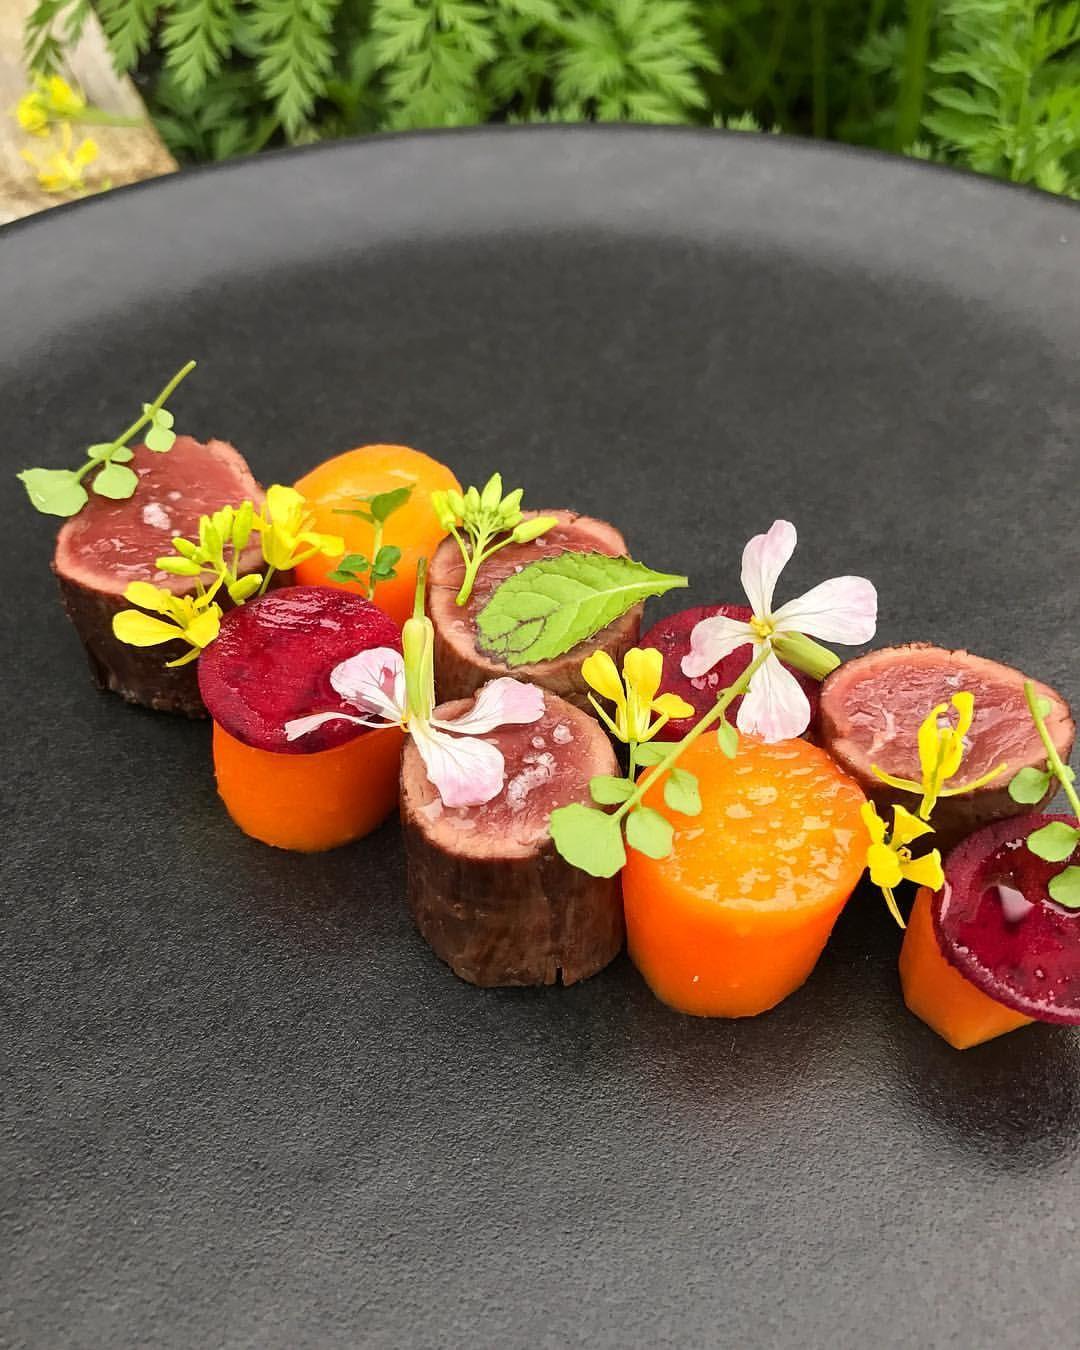 566 mentions J'aime, 8 commentaires – Station Road (@stationroadlochness) sur Instagram : «Close Up - Venison Salad #artonaplate #chefsplateform #porcelaincanvas #epicplateup #chefs_eye…»